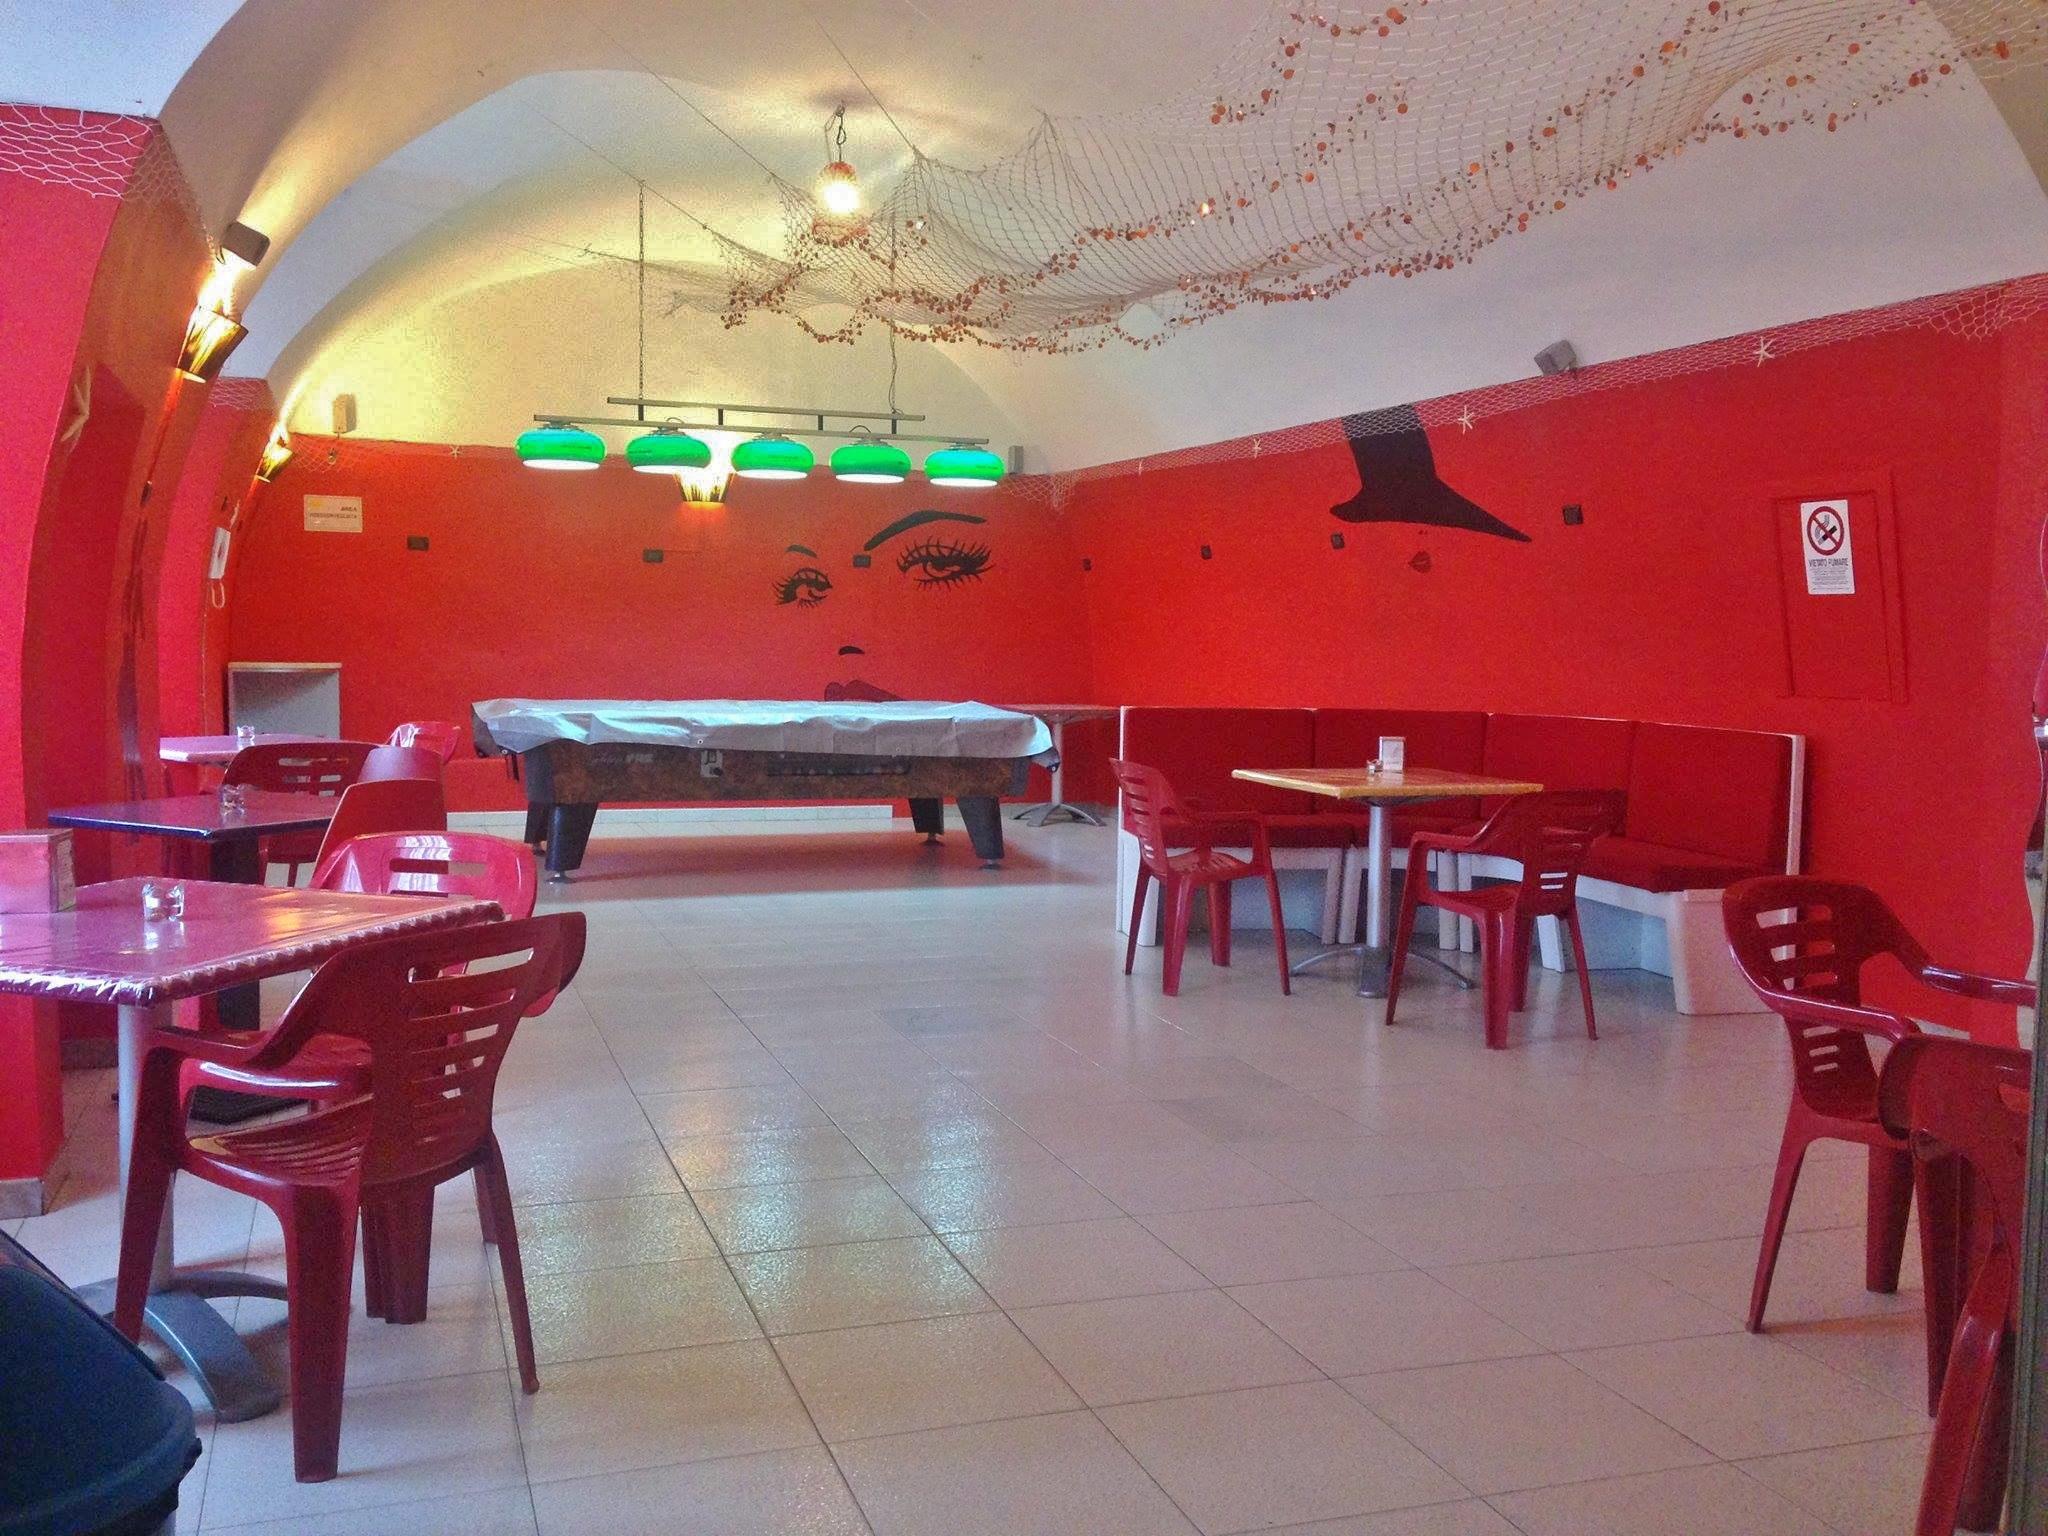 vendesi-locale-commerciale-140-mq-san-martino-in-pensilis-molise-9